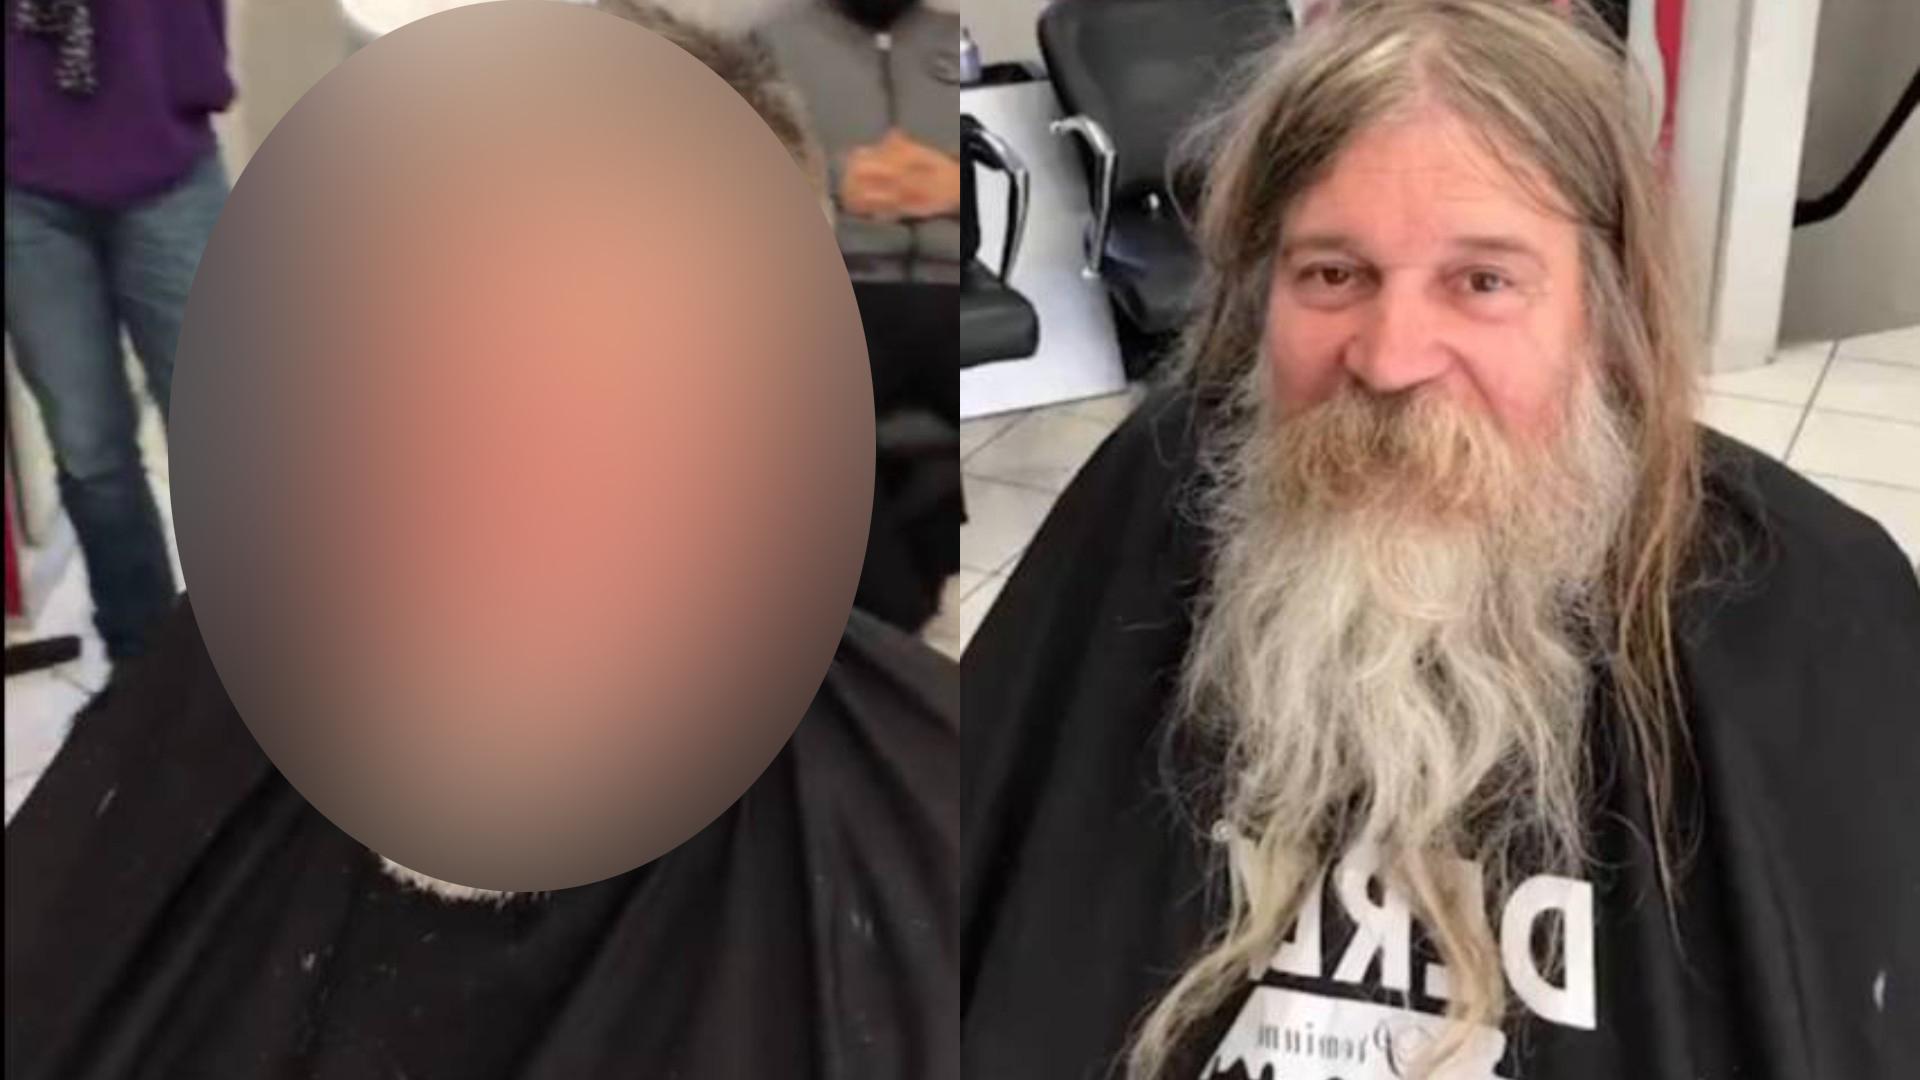 Парикмахер подстриг бродягу, не подозревая, что заросший старик превратится в мужчину редкой красоты